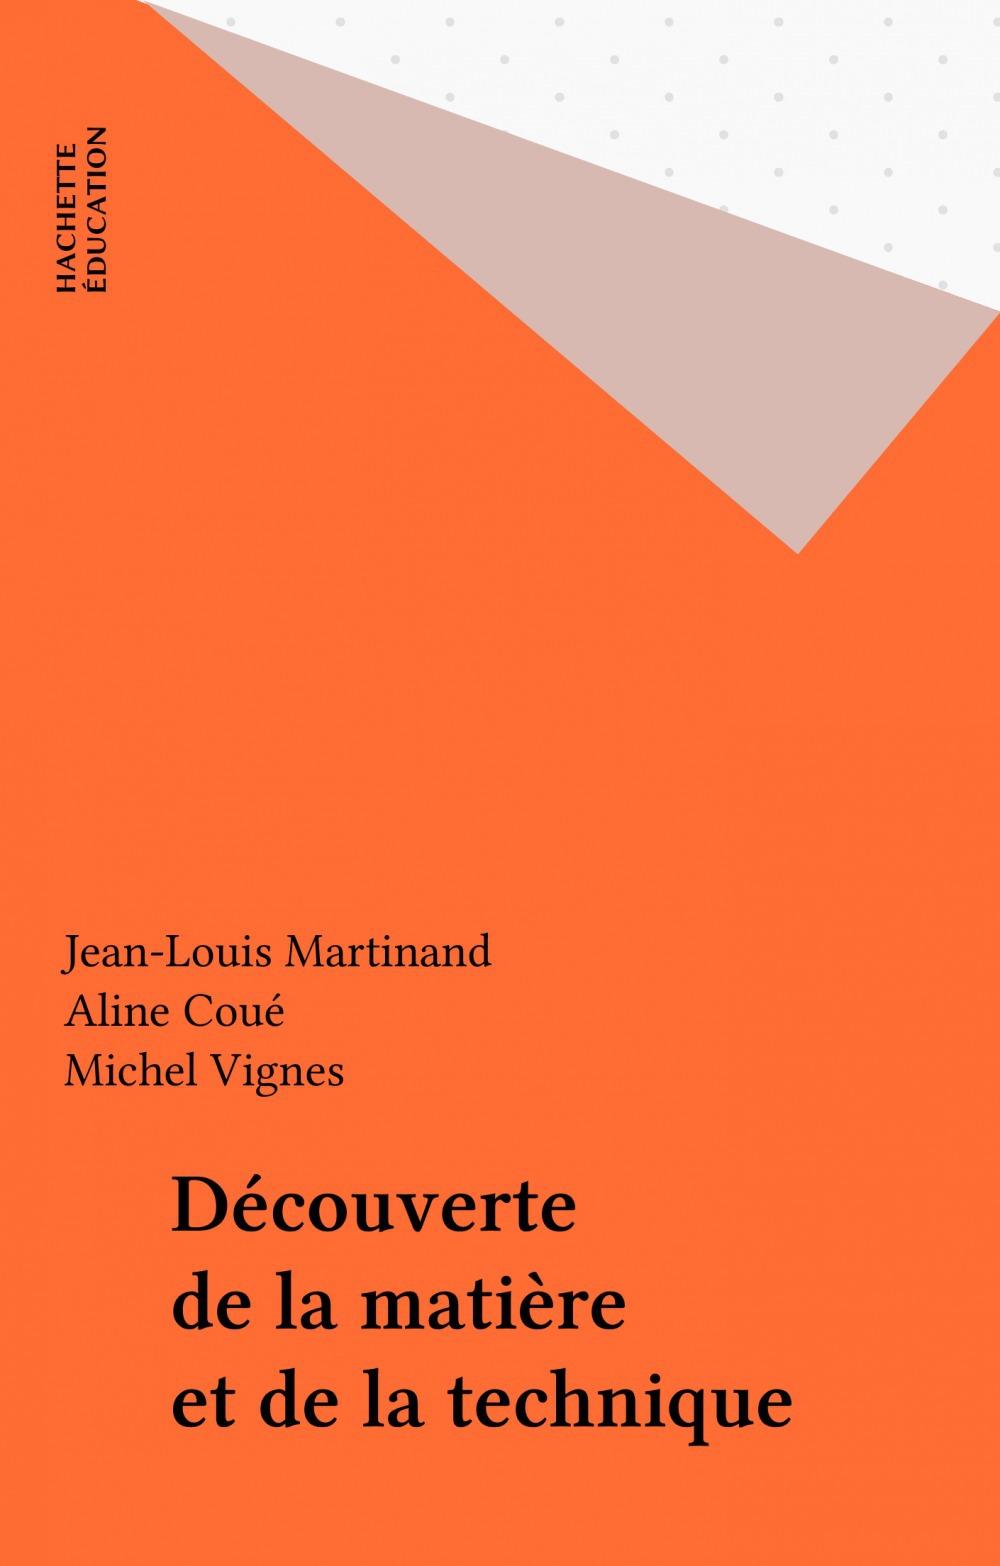 Jean-Louis Martinand Découverte de la matière et de la technique